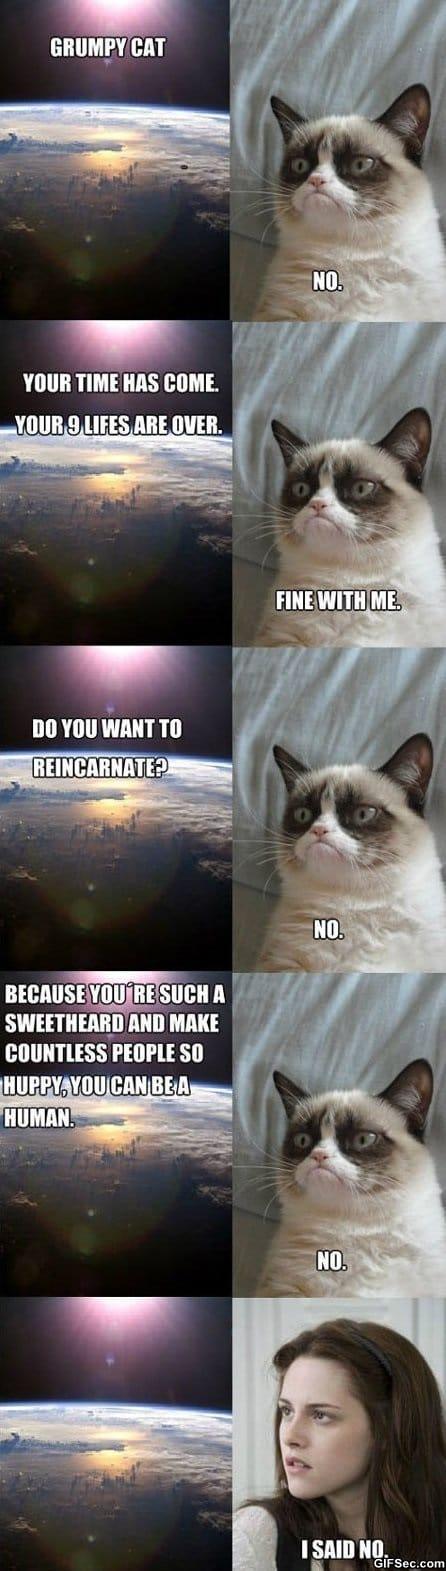 MEMES - Grumpy Cat